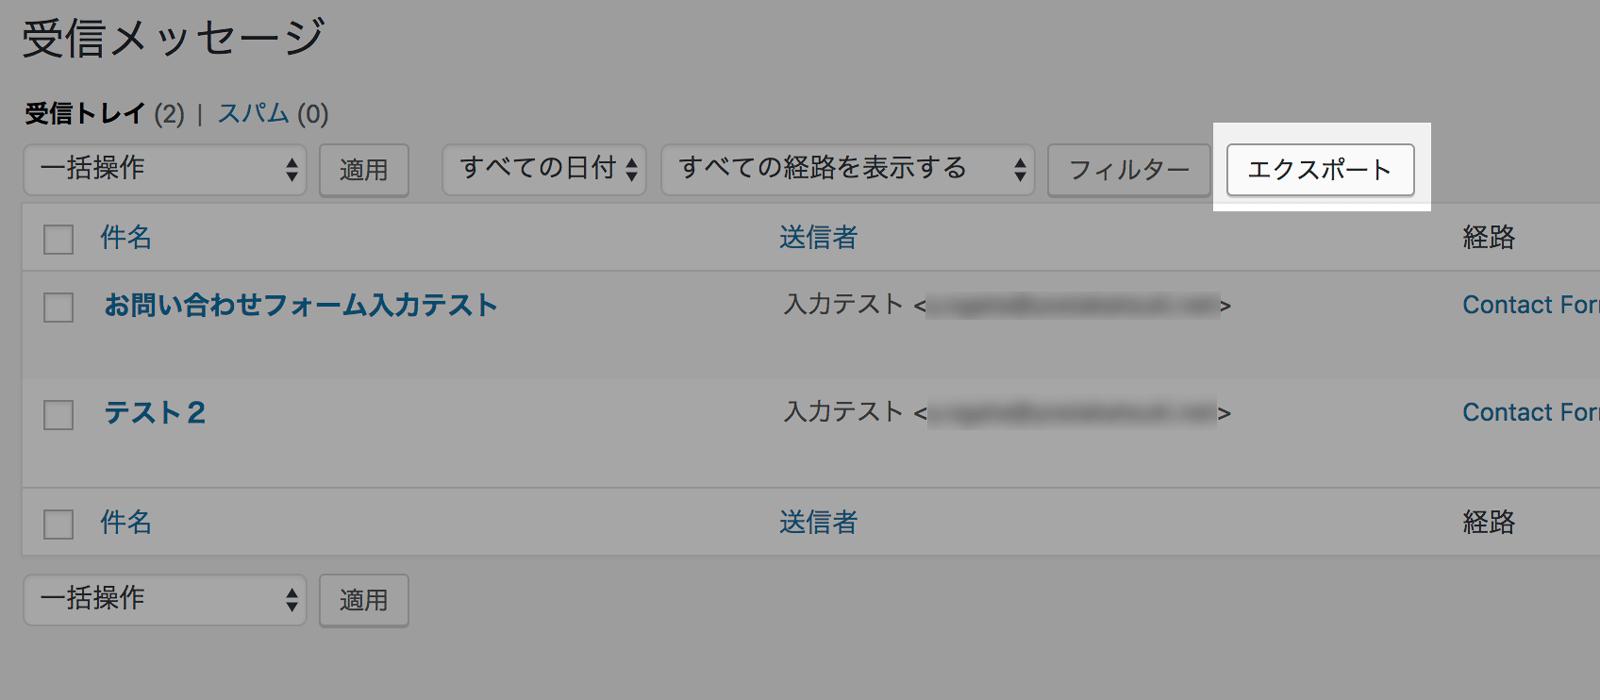 エクスポートボタンをクリックすると一覧に表示されたお問い合わせをCSVでエクスポート出来る